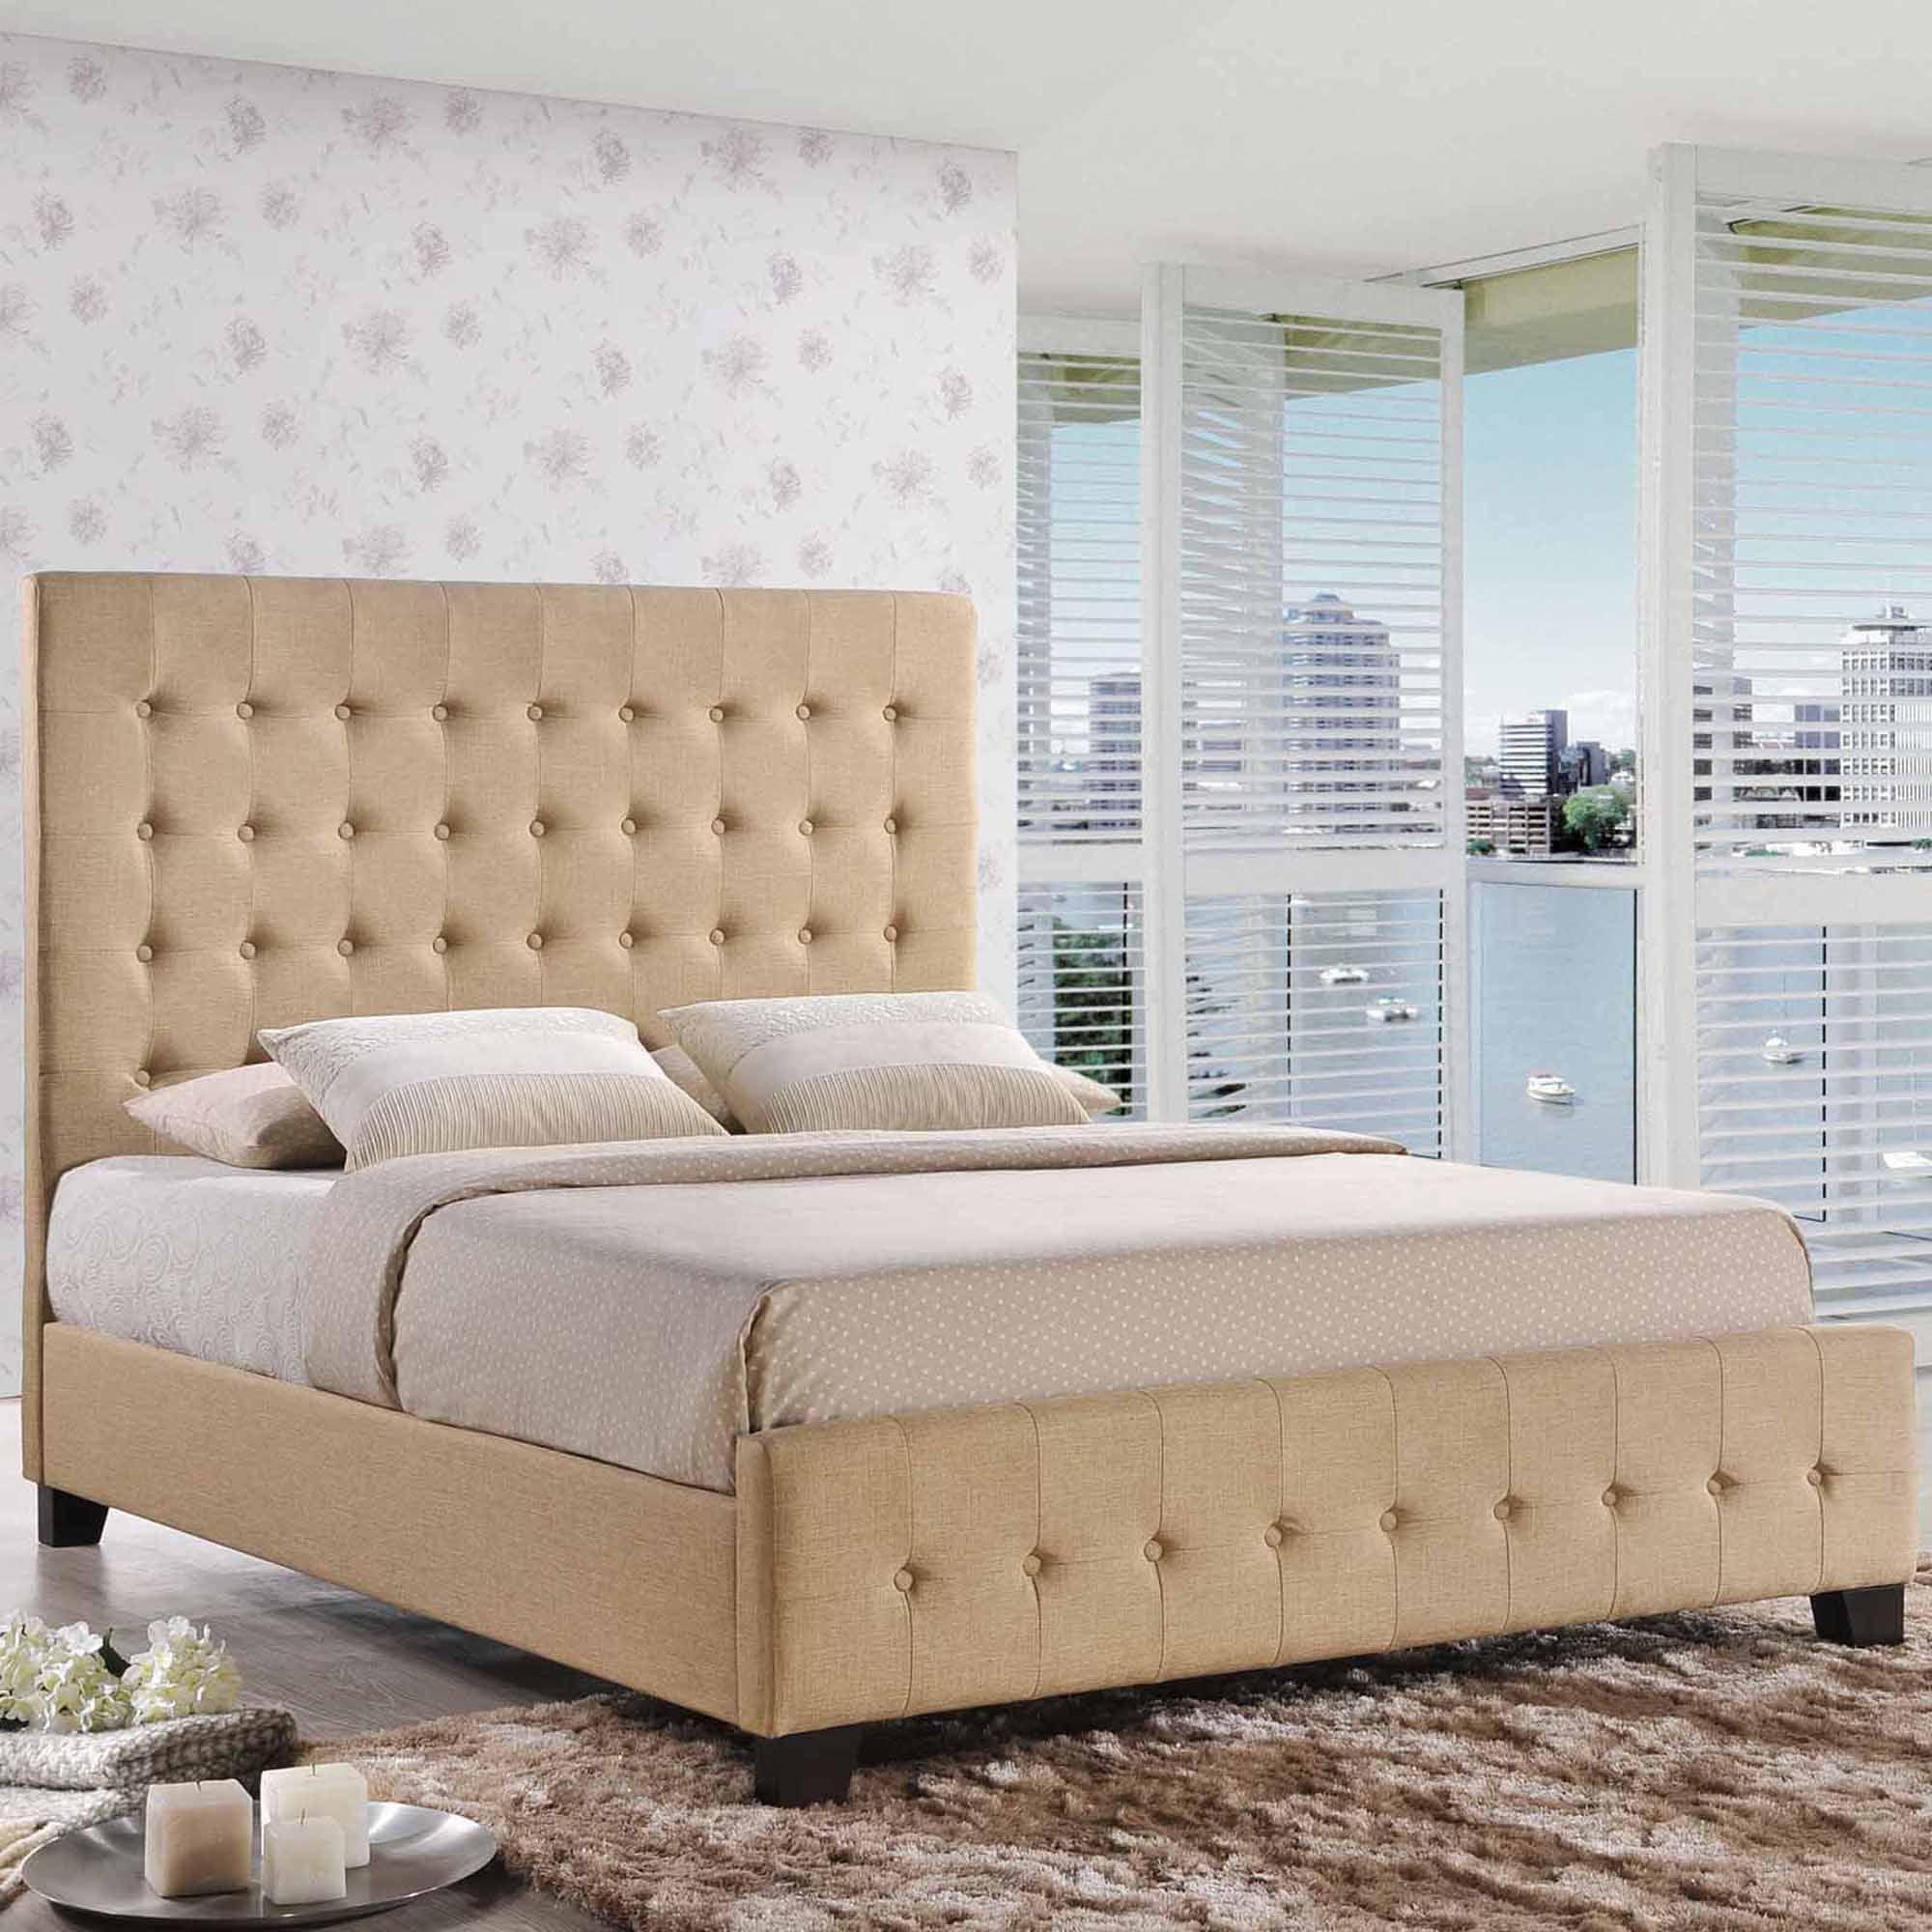 Modway Skye Full Upholstered Platform Bed, Multiple Colors